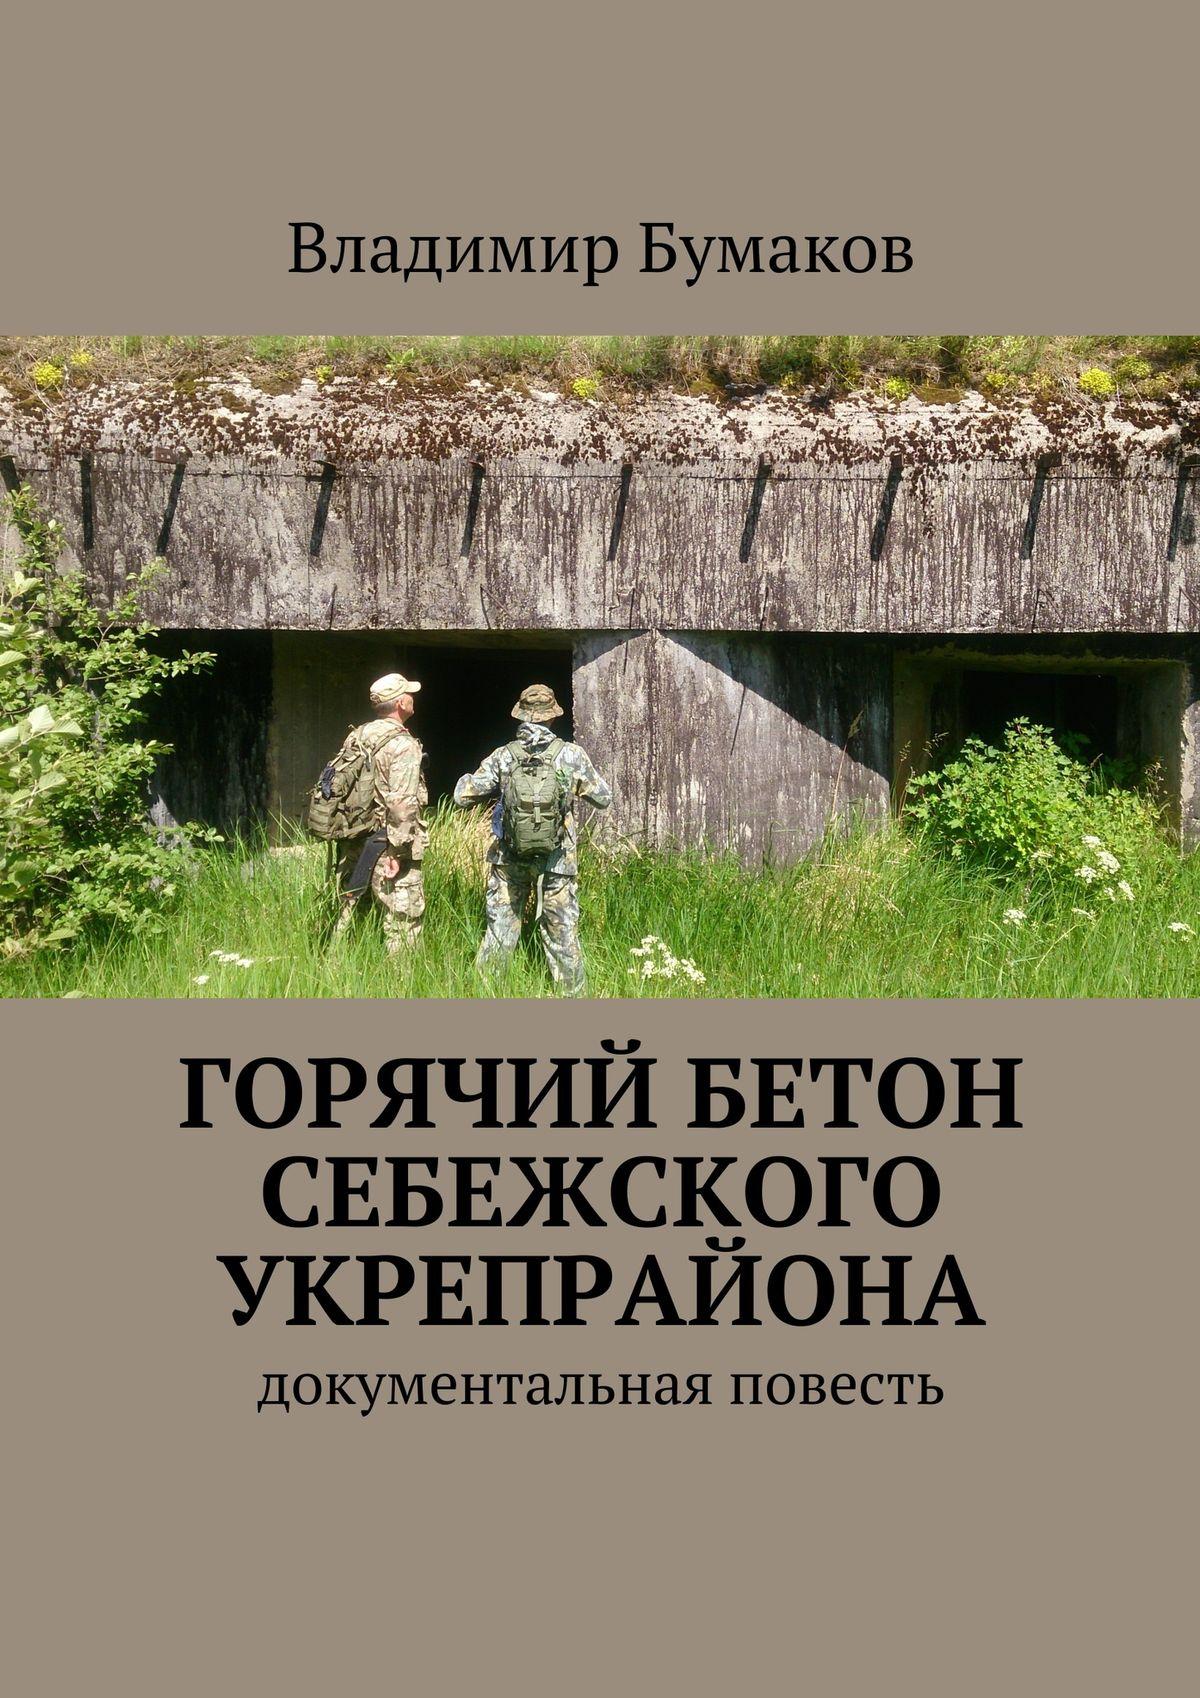 Владимир Бумаков / Горячий бетон Себежского укрепрайона. Документальная повесть